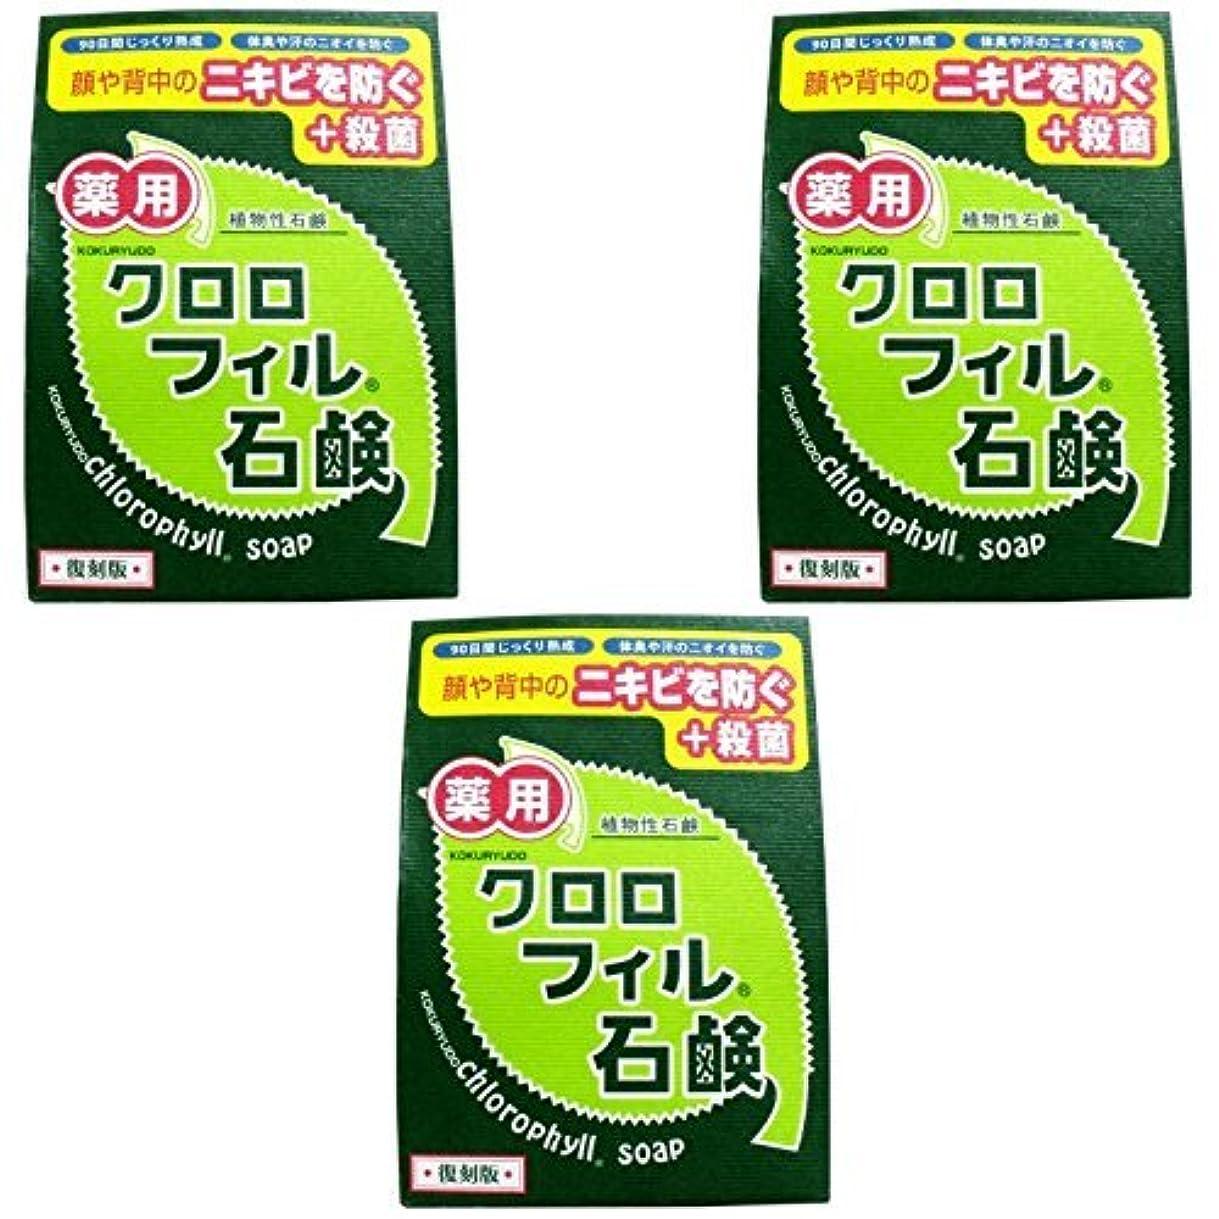 甲虫負荷エンターテインメント【まとめ買い】クロロフィル石鹸 復刻版 85g (医薬部外品)【×3個】